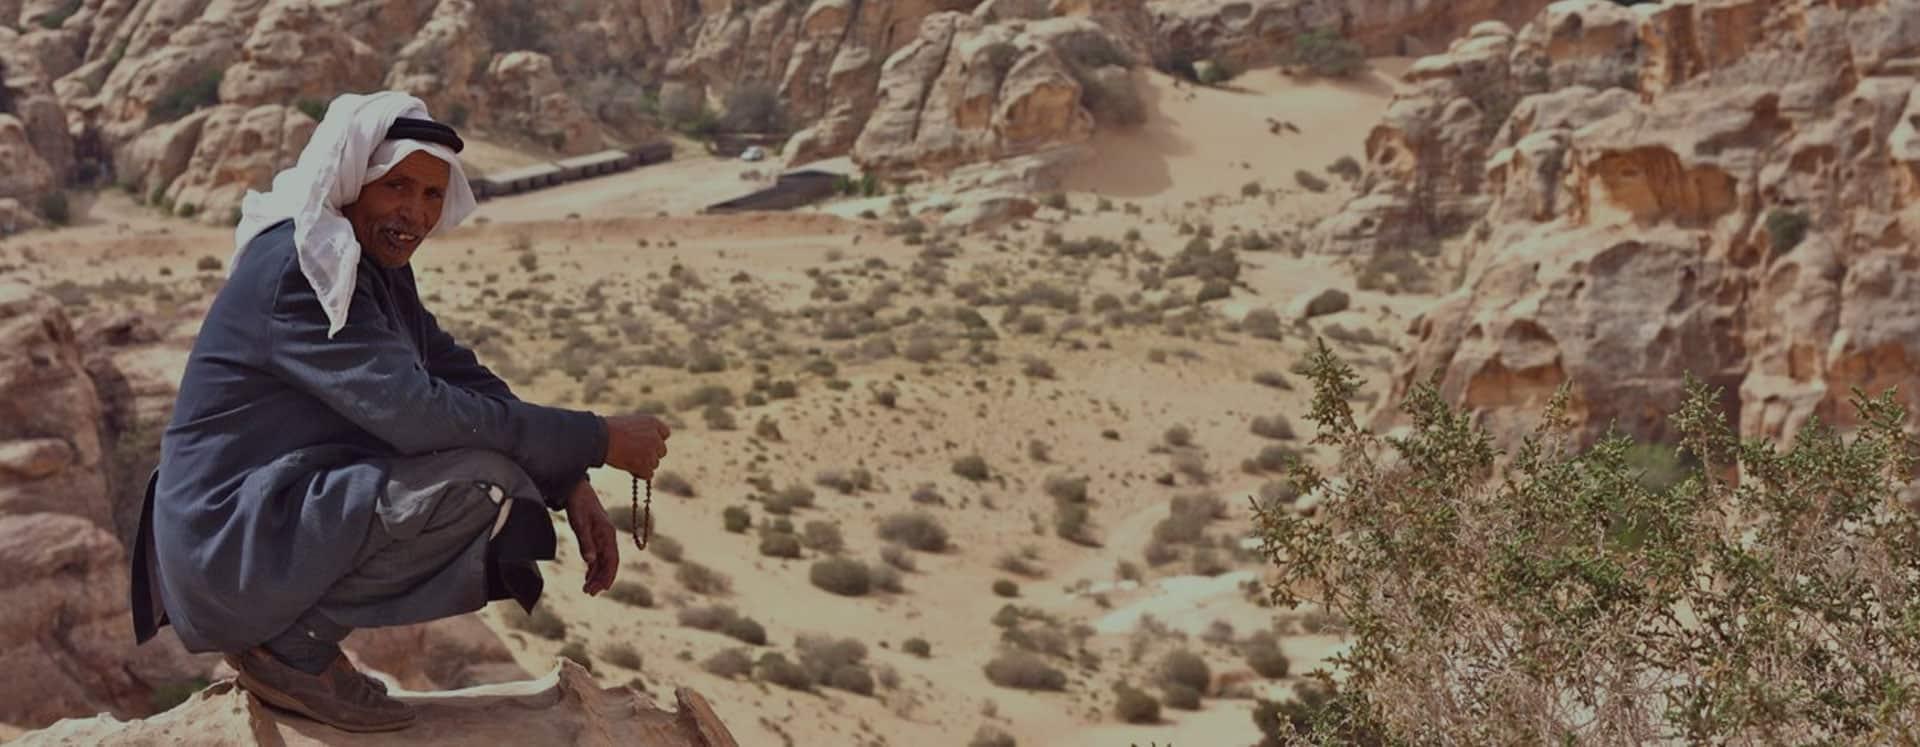 jordan-bedouin-desert-engaging-cultures